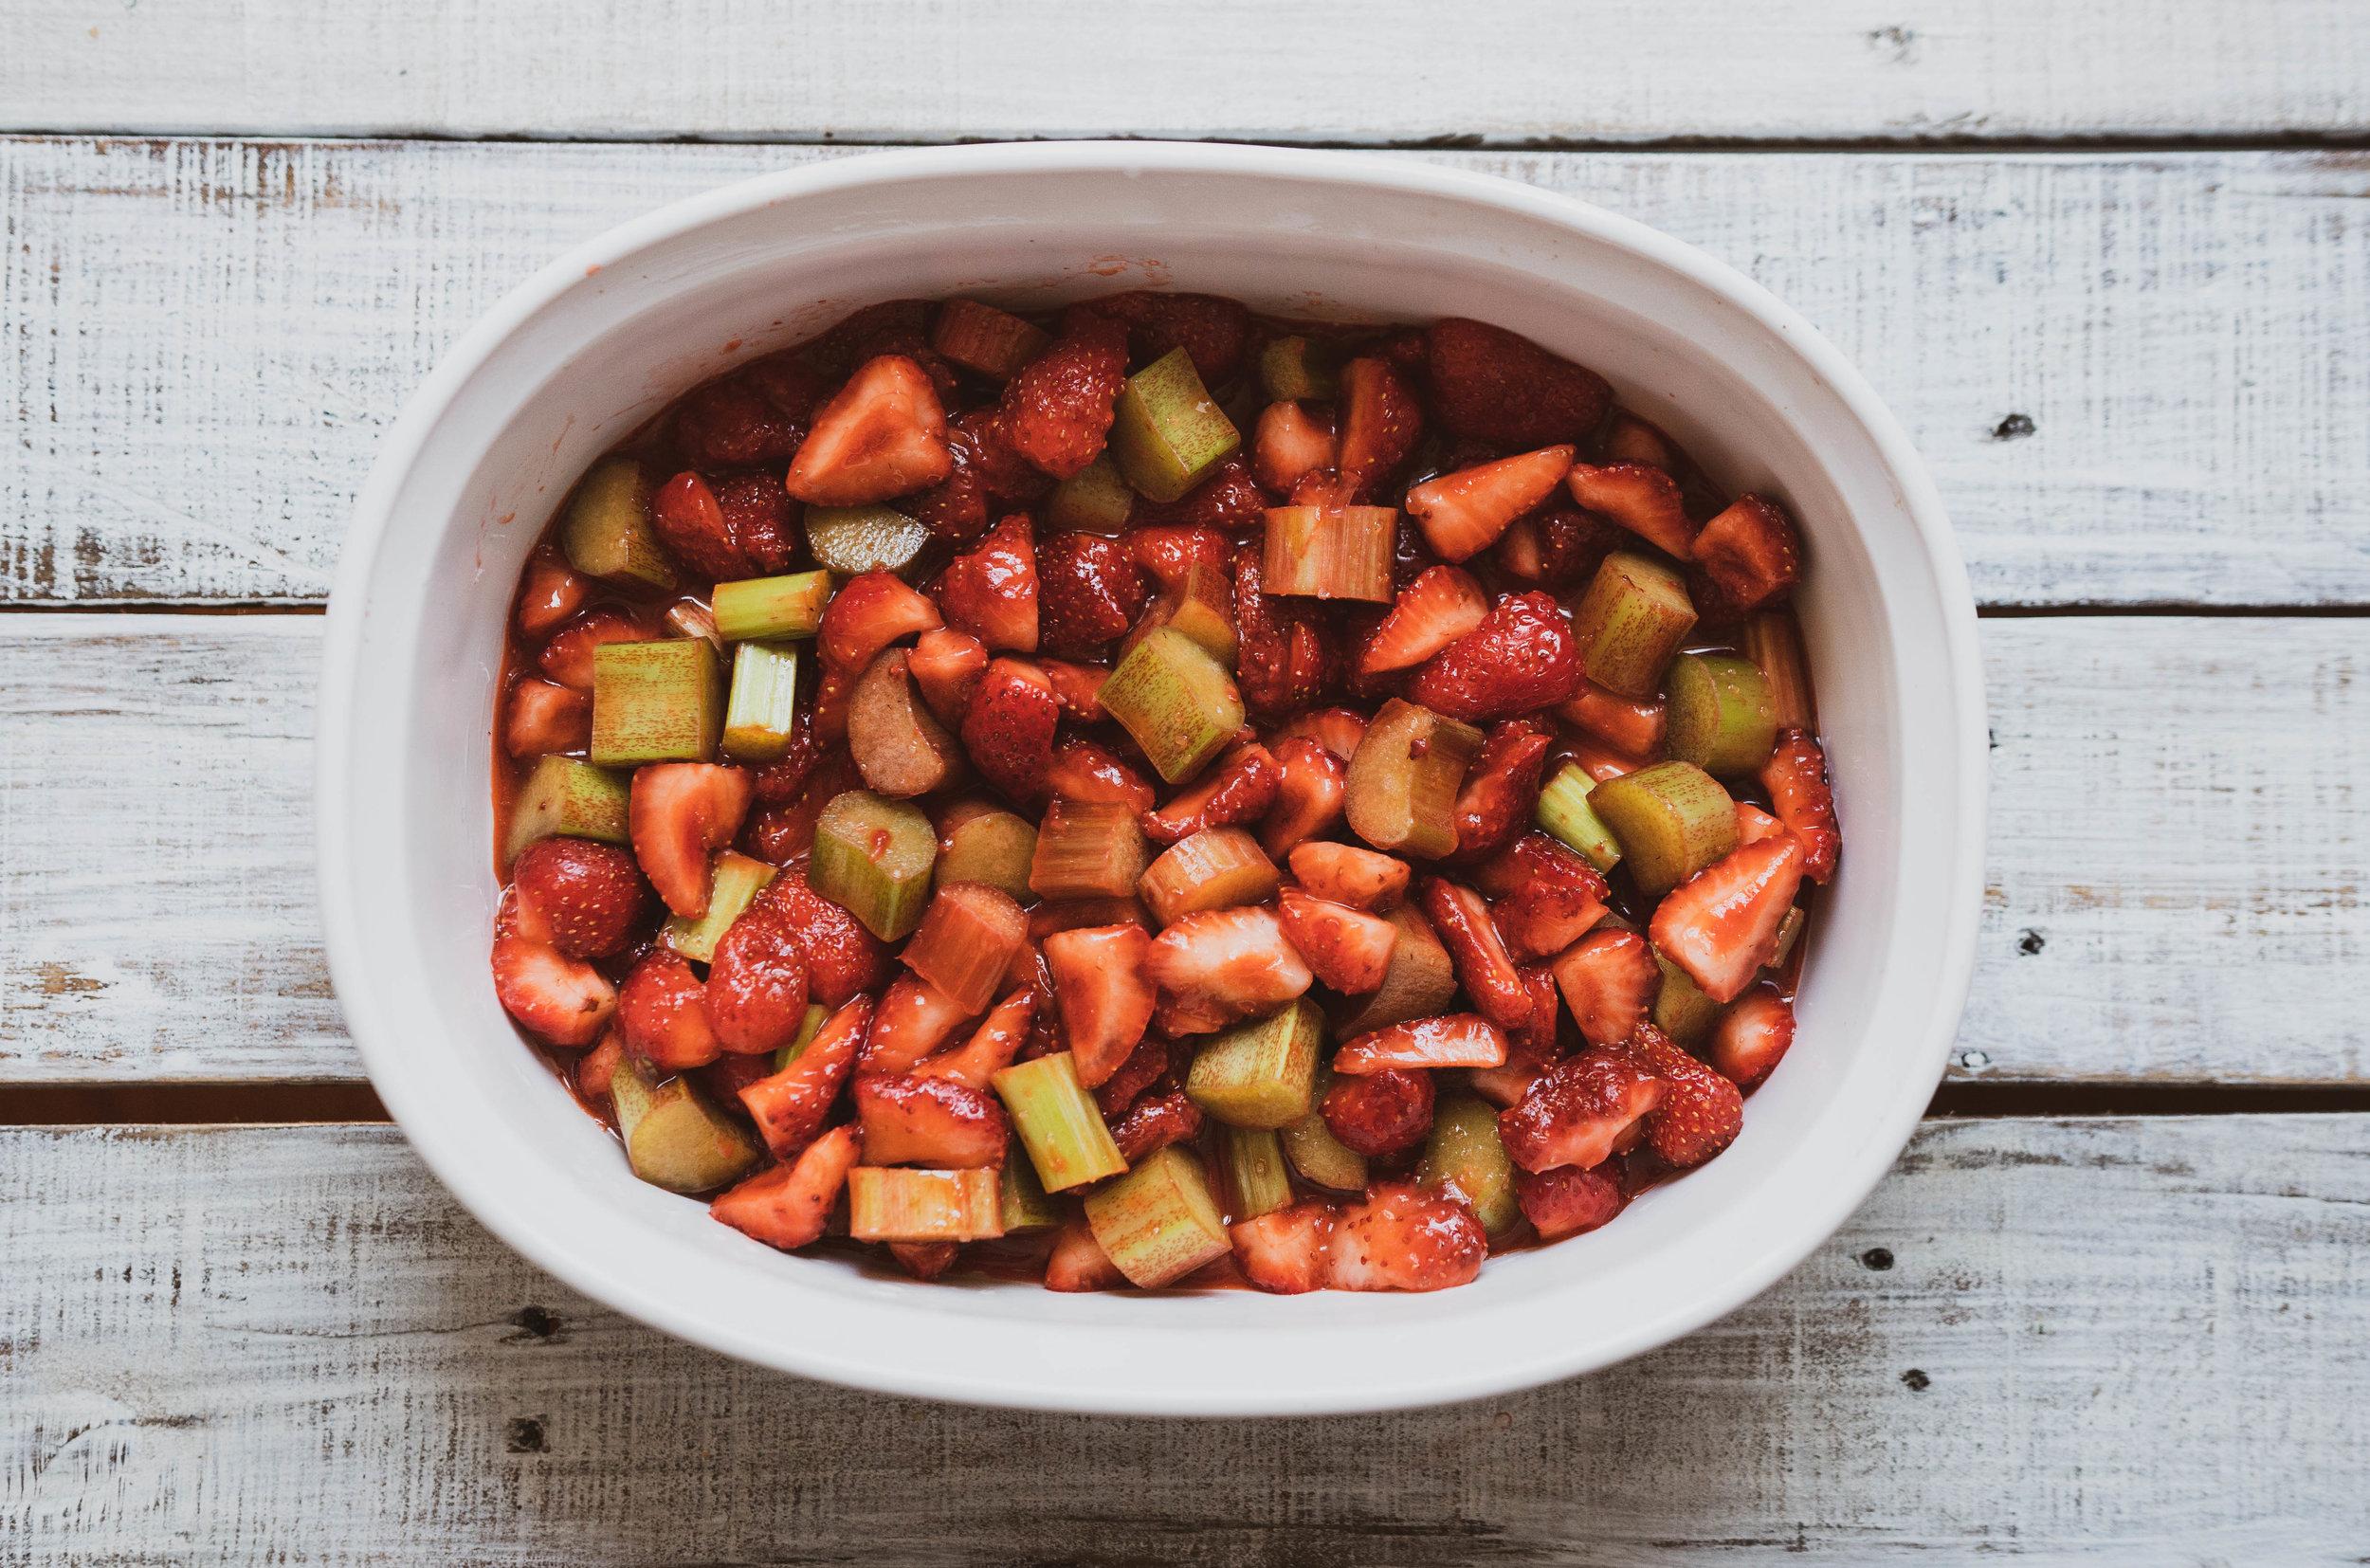 04-strawberry-rhubarb-crumble-9.jpg